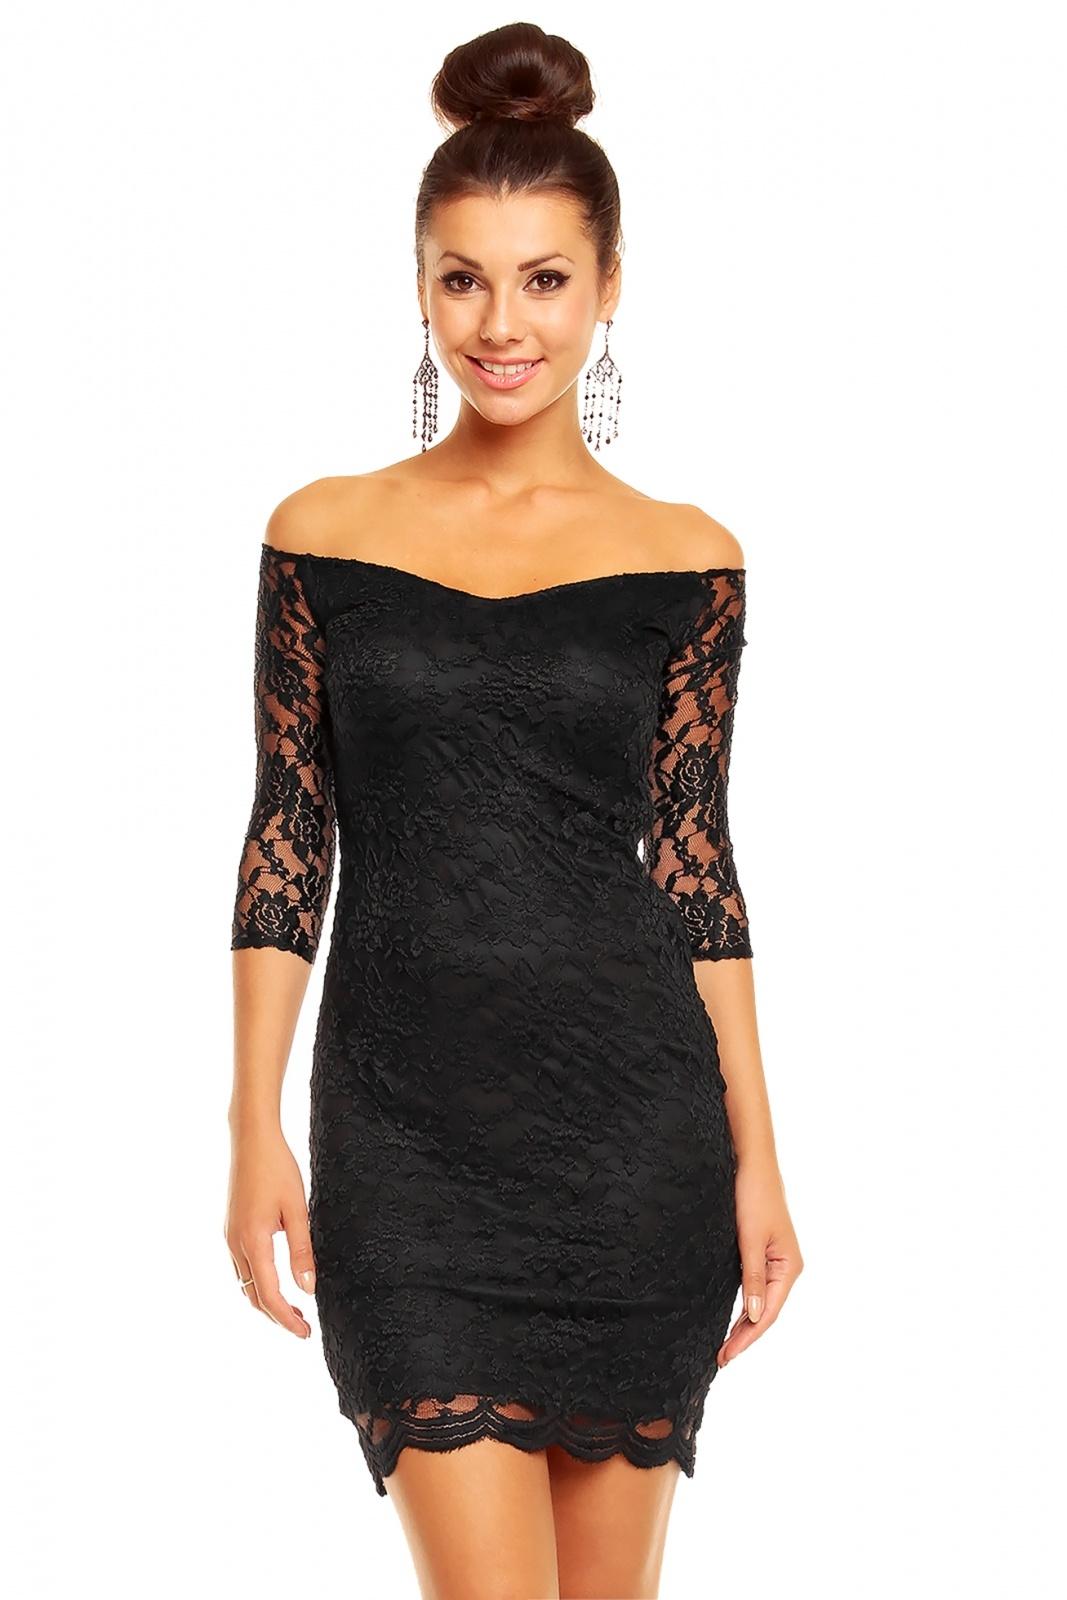 47651069b9b3 Dámské společenské šaty MAYAADI krajkové s 3 4 rukávem krátké černé ...